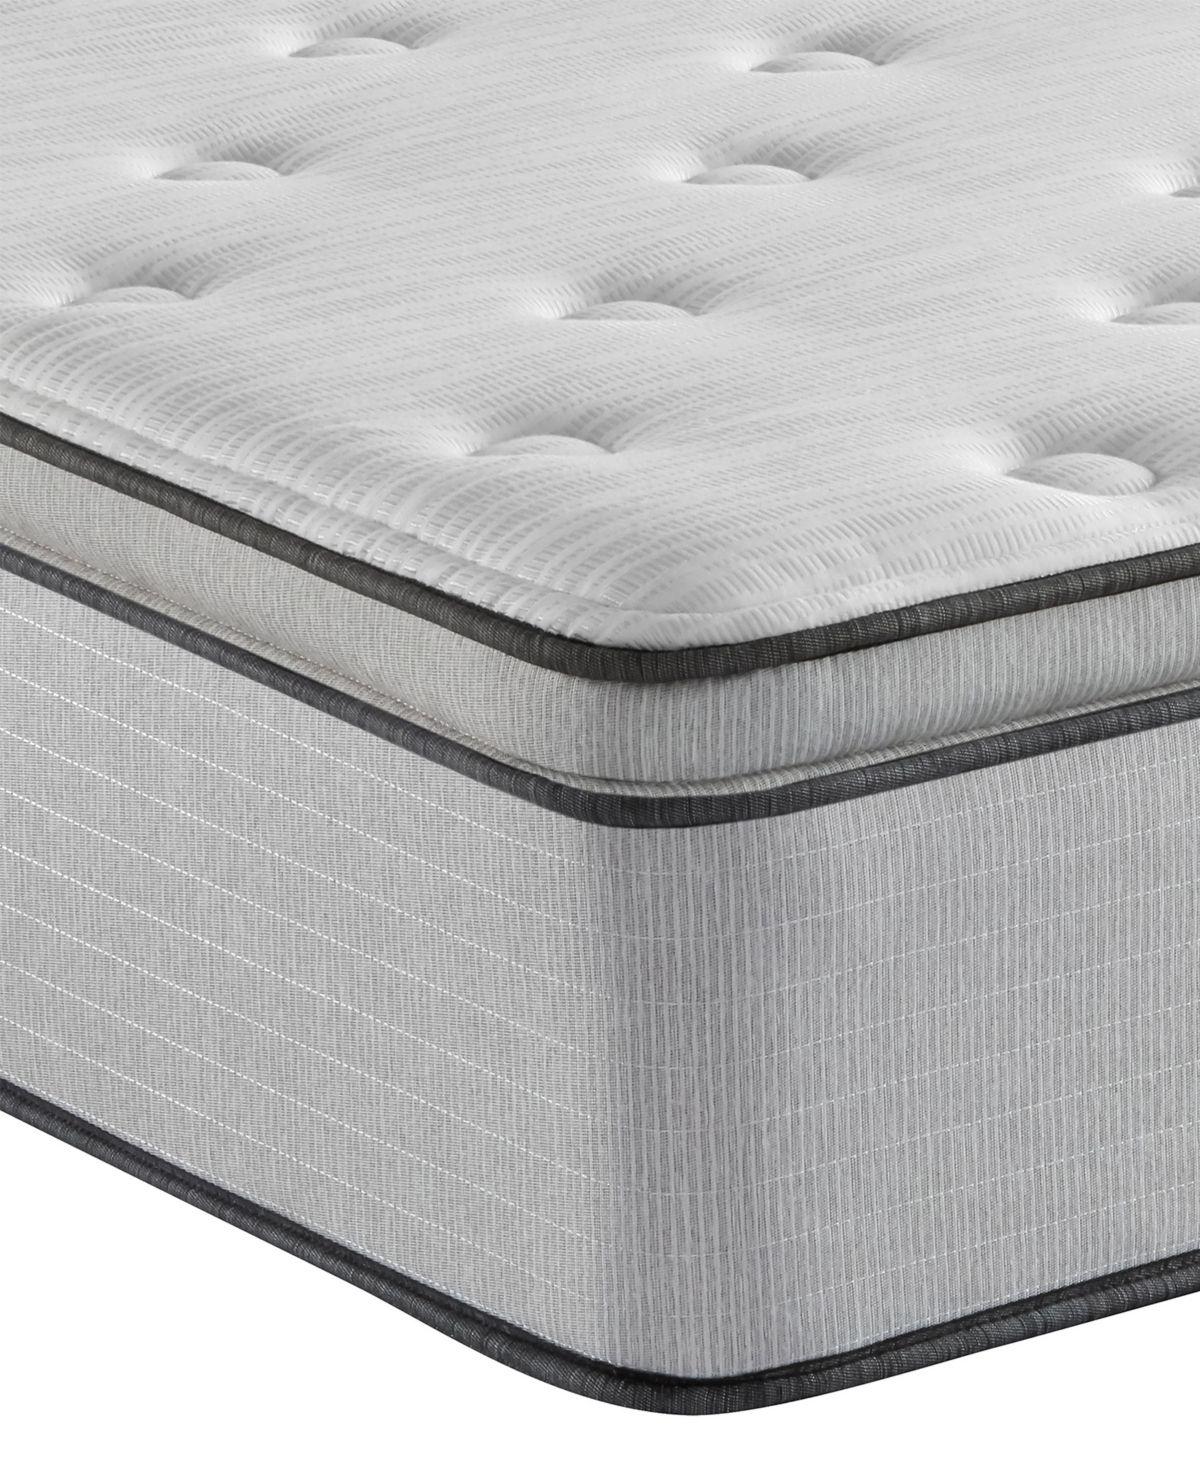 """Beautyrest BR800 13.5"""" Plush Pillow Top Mattress"""